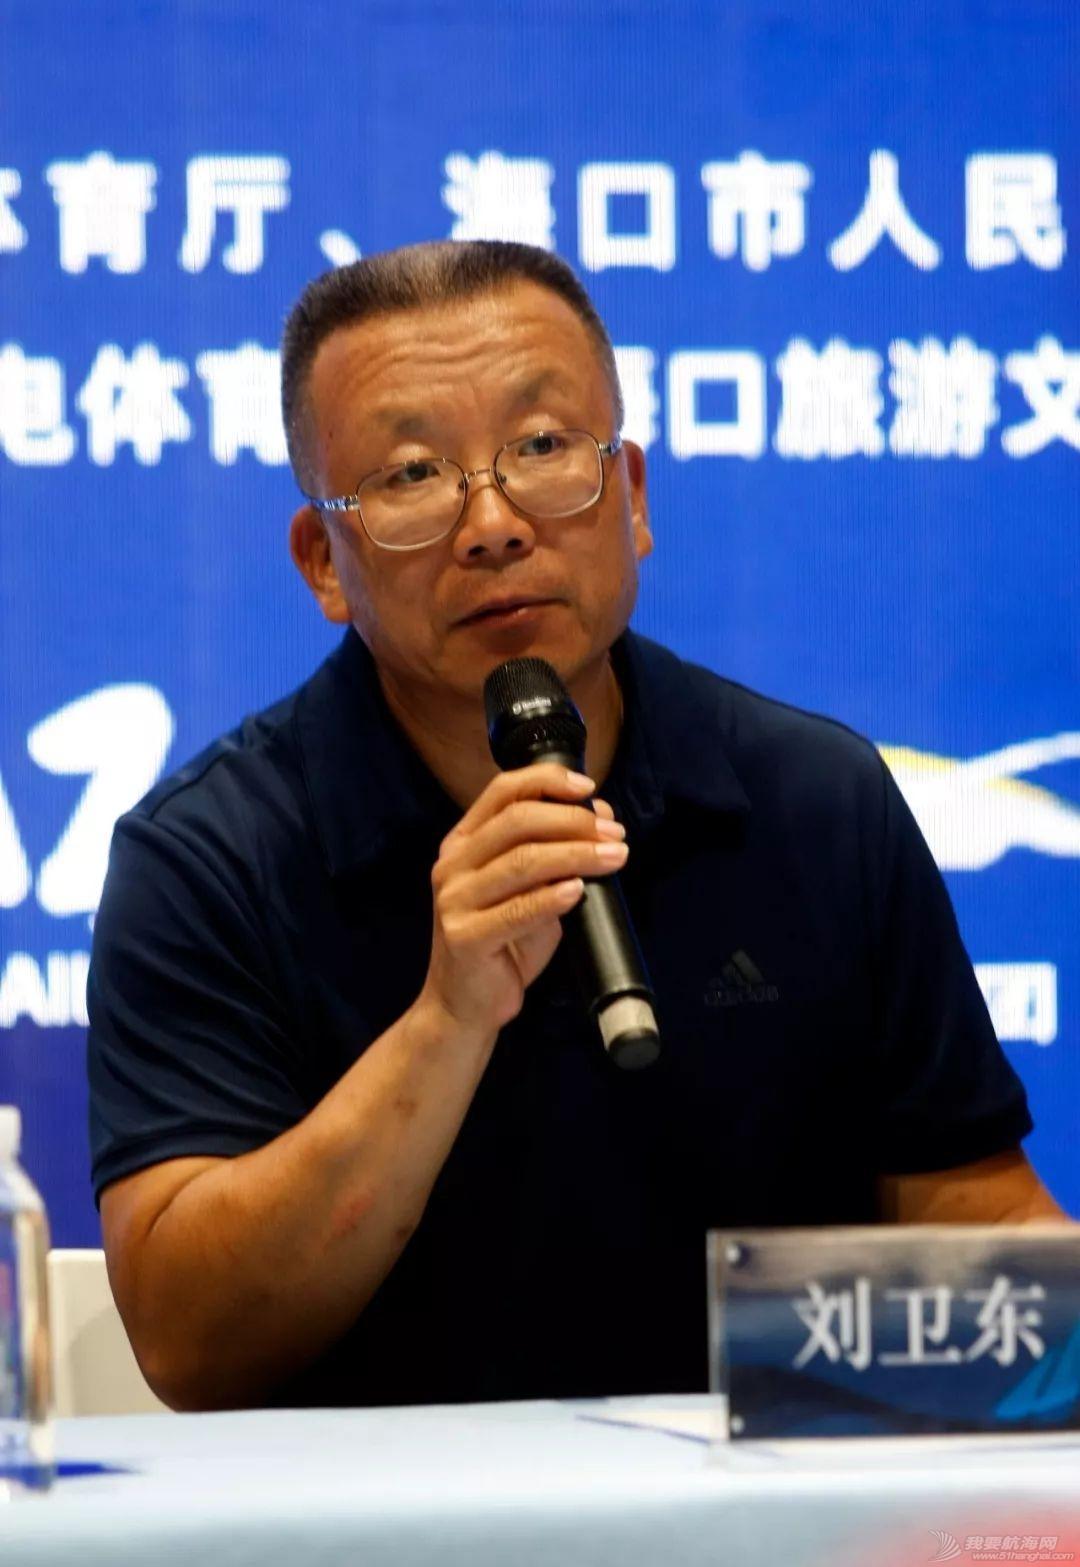 中帆协与海口市人民政府共同发布2019中国帆船年度盛典系列活动w3.jpg